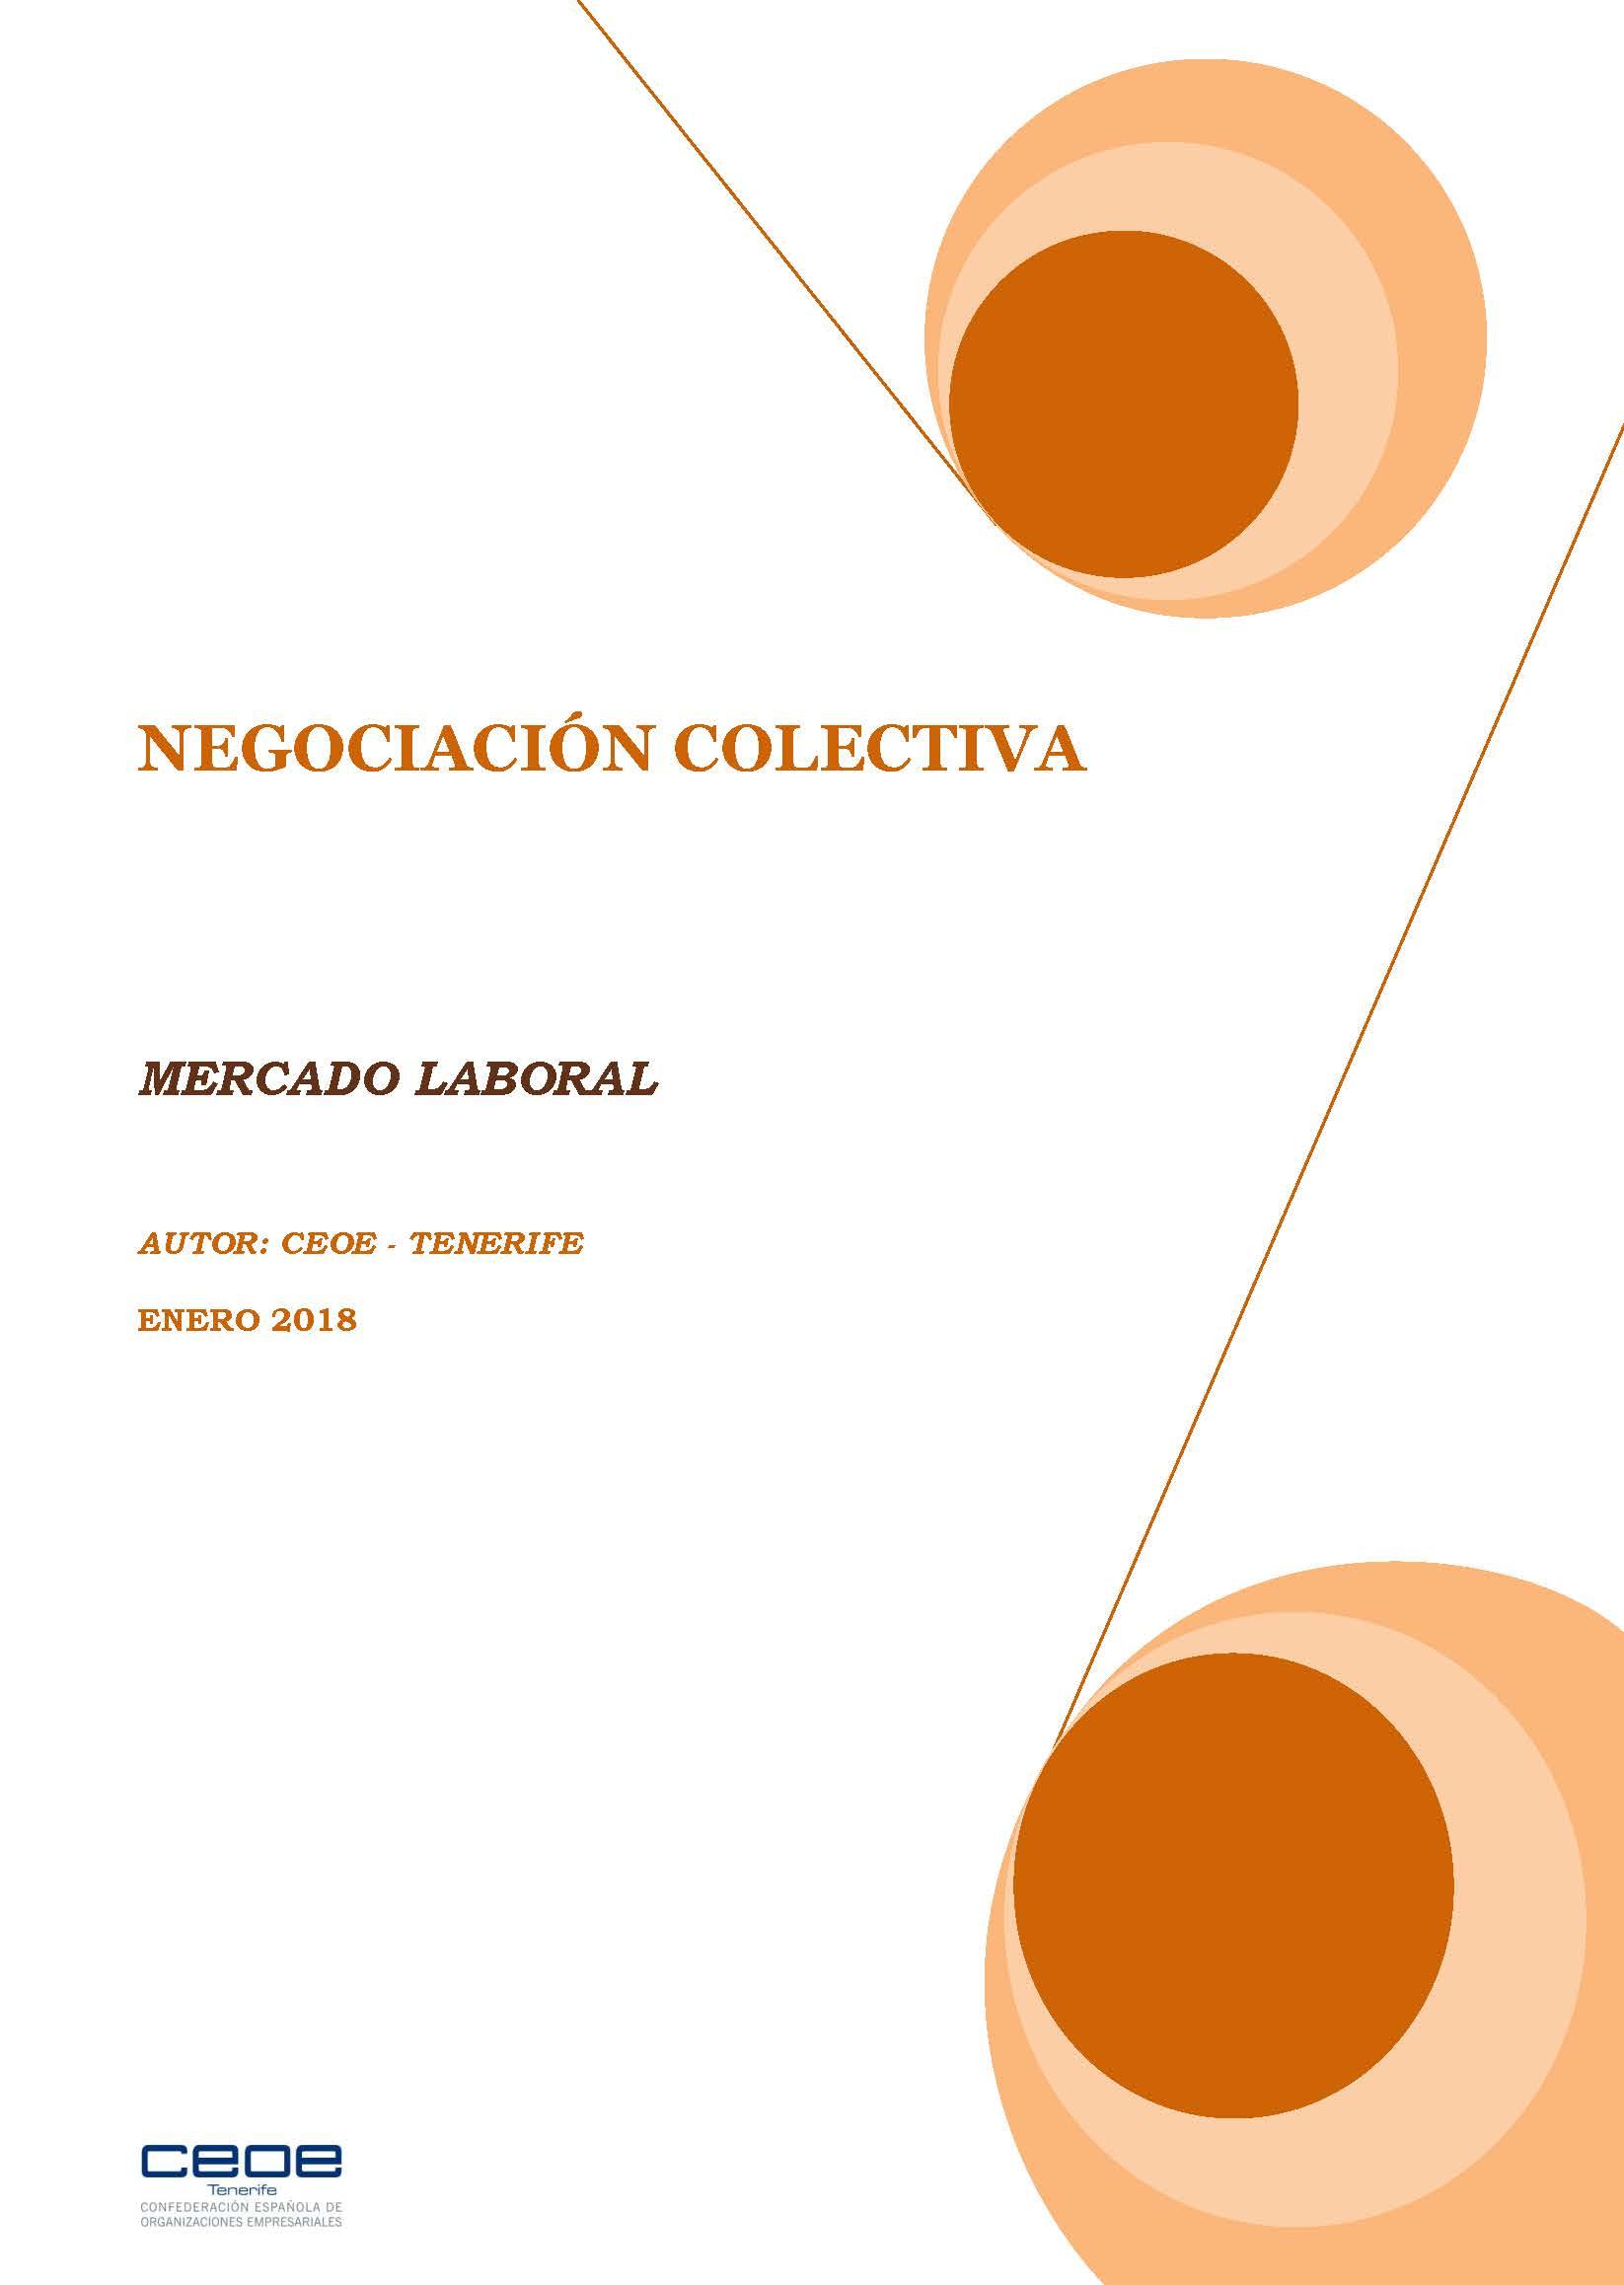 MERCADO LABORAL - NEGOCIACION COLECTIVA ENERO 2018